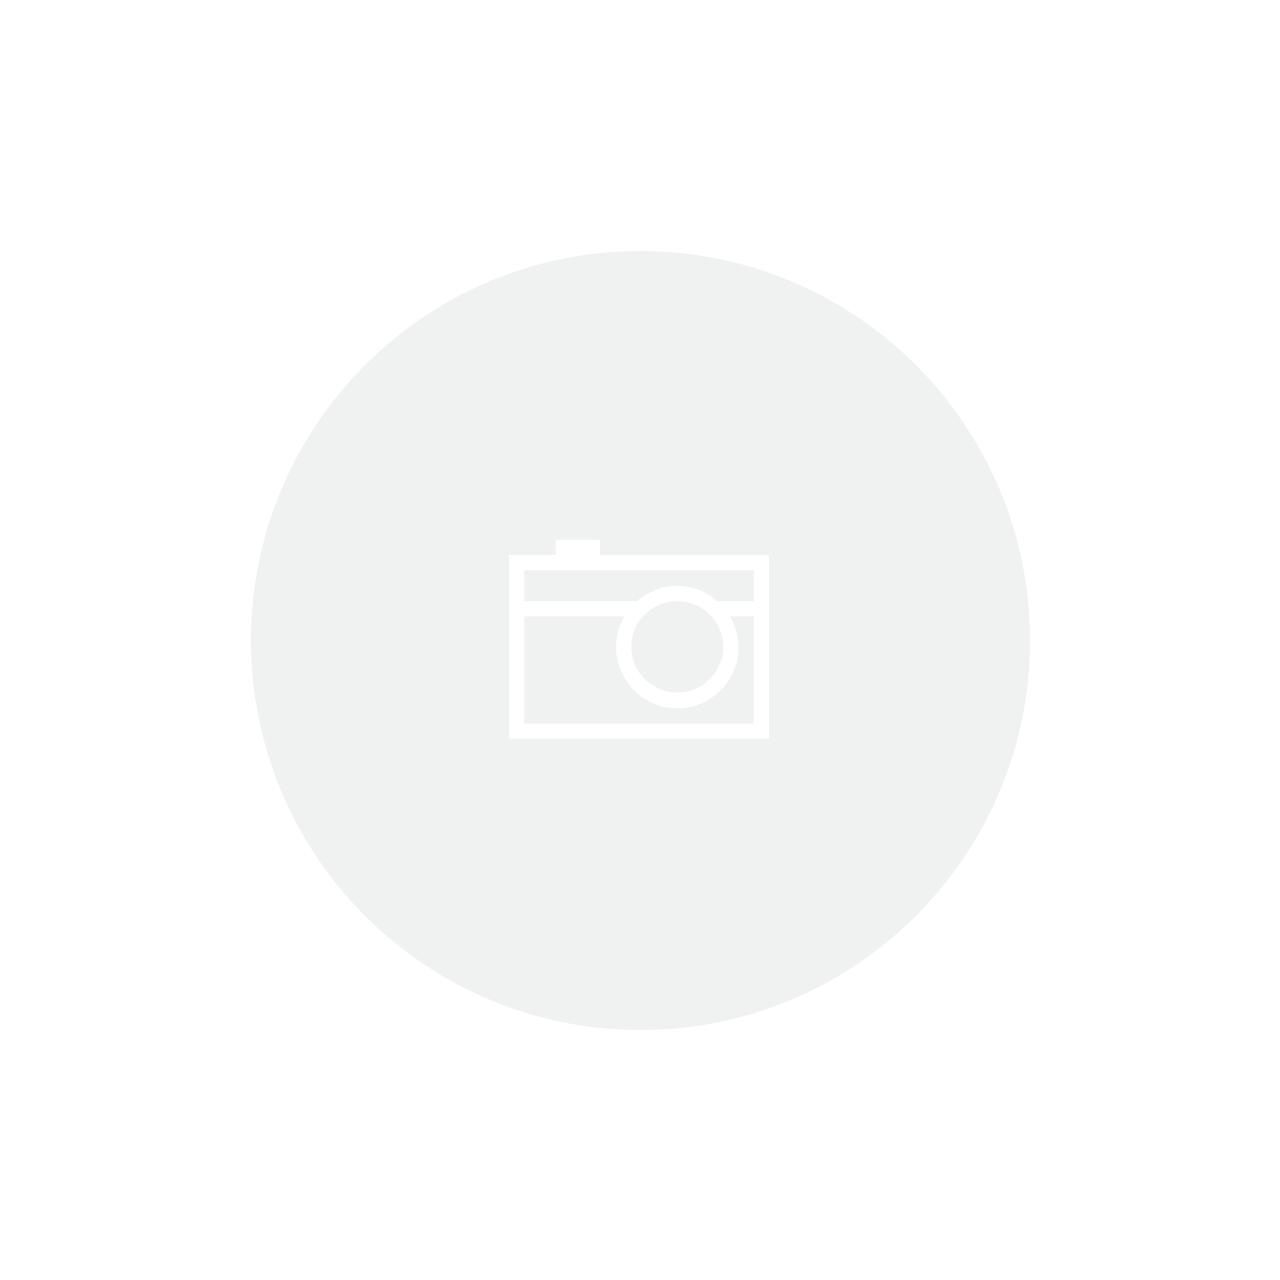 Kit Espumante Courmayeur Extra Brut - Compre 5 LEVE 6